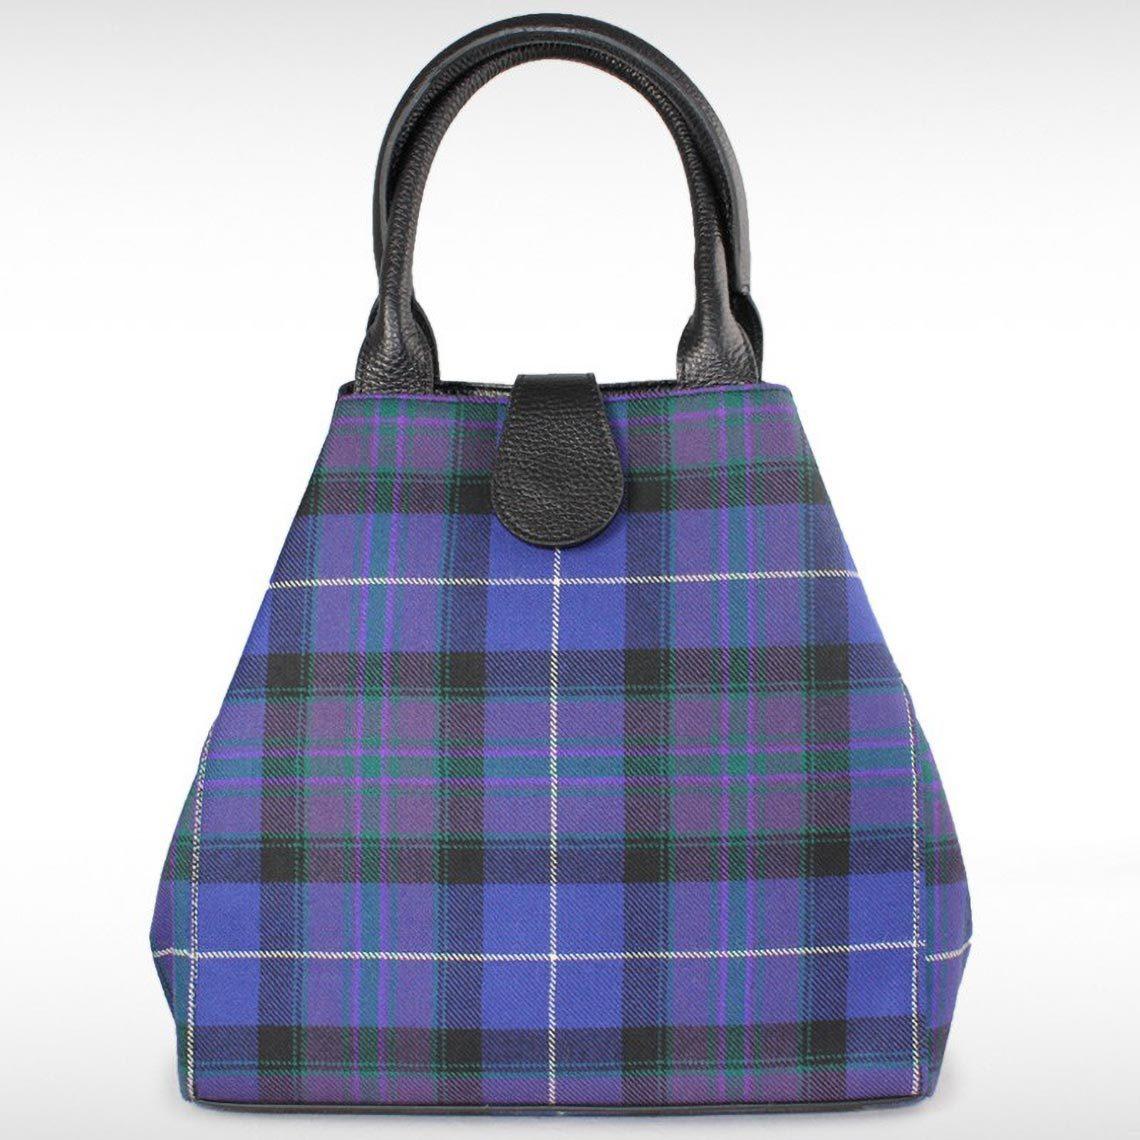 Zara Modern Pride Bucket Bag